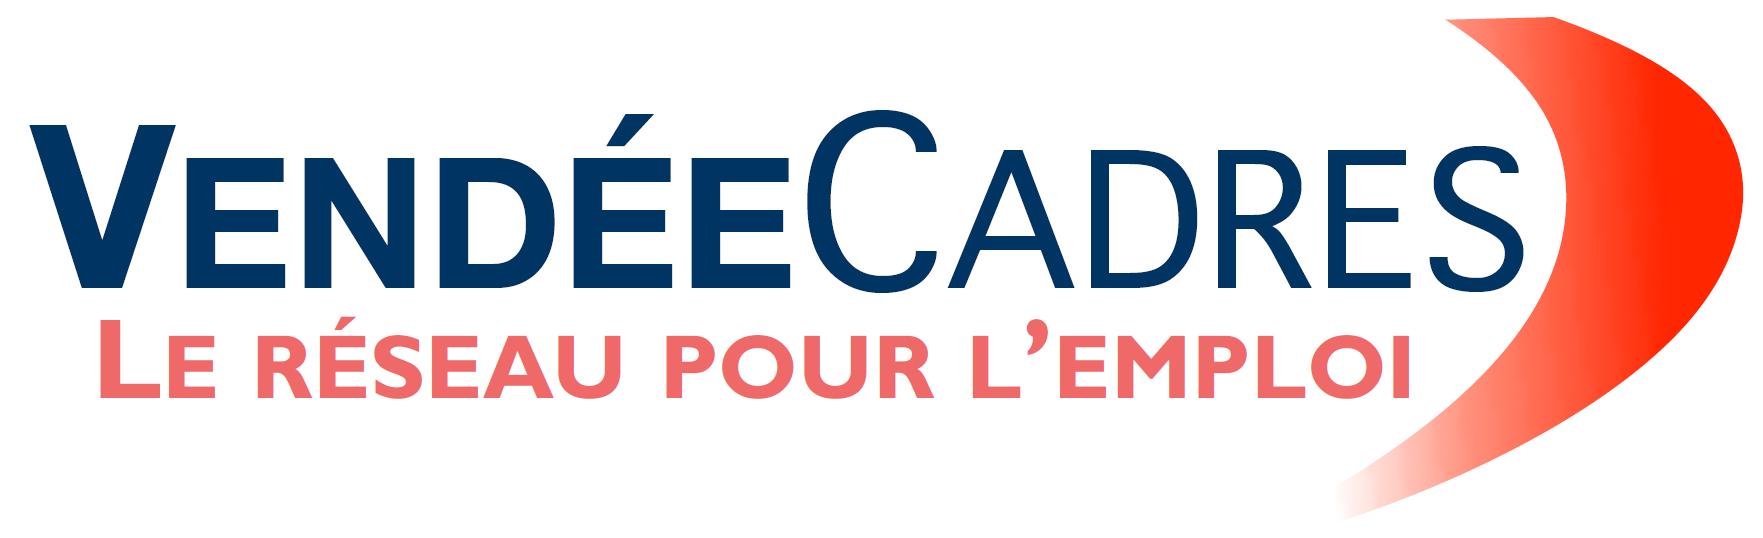 Vendée Cadres